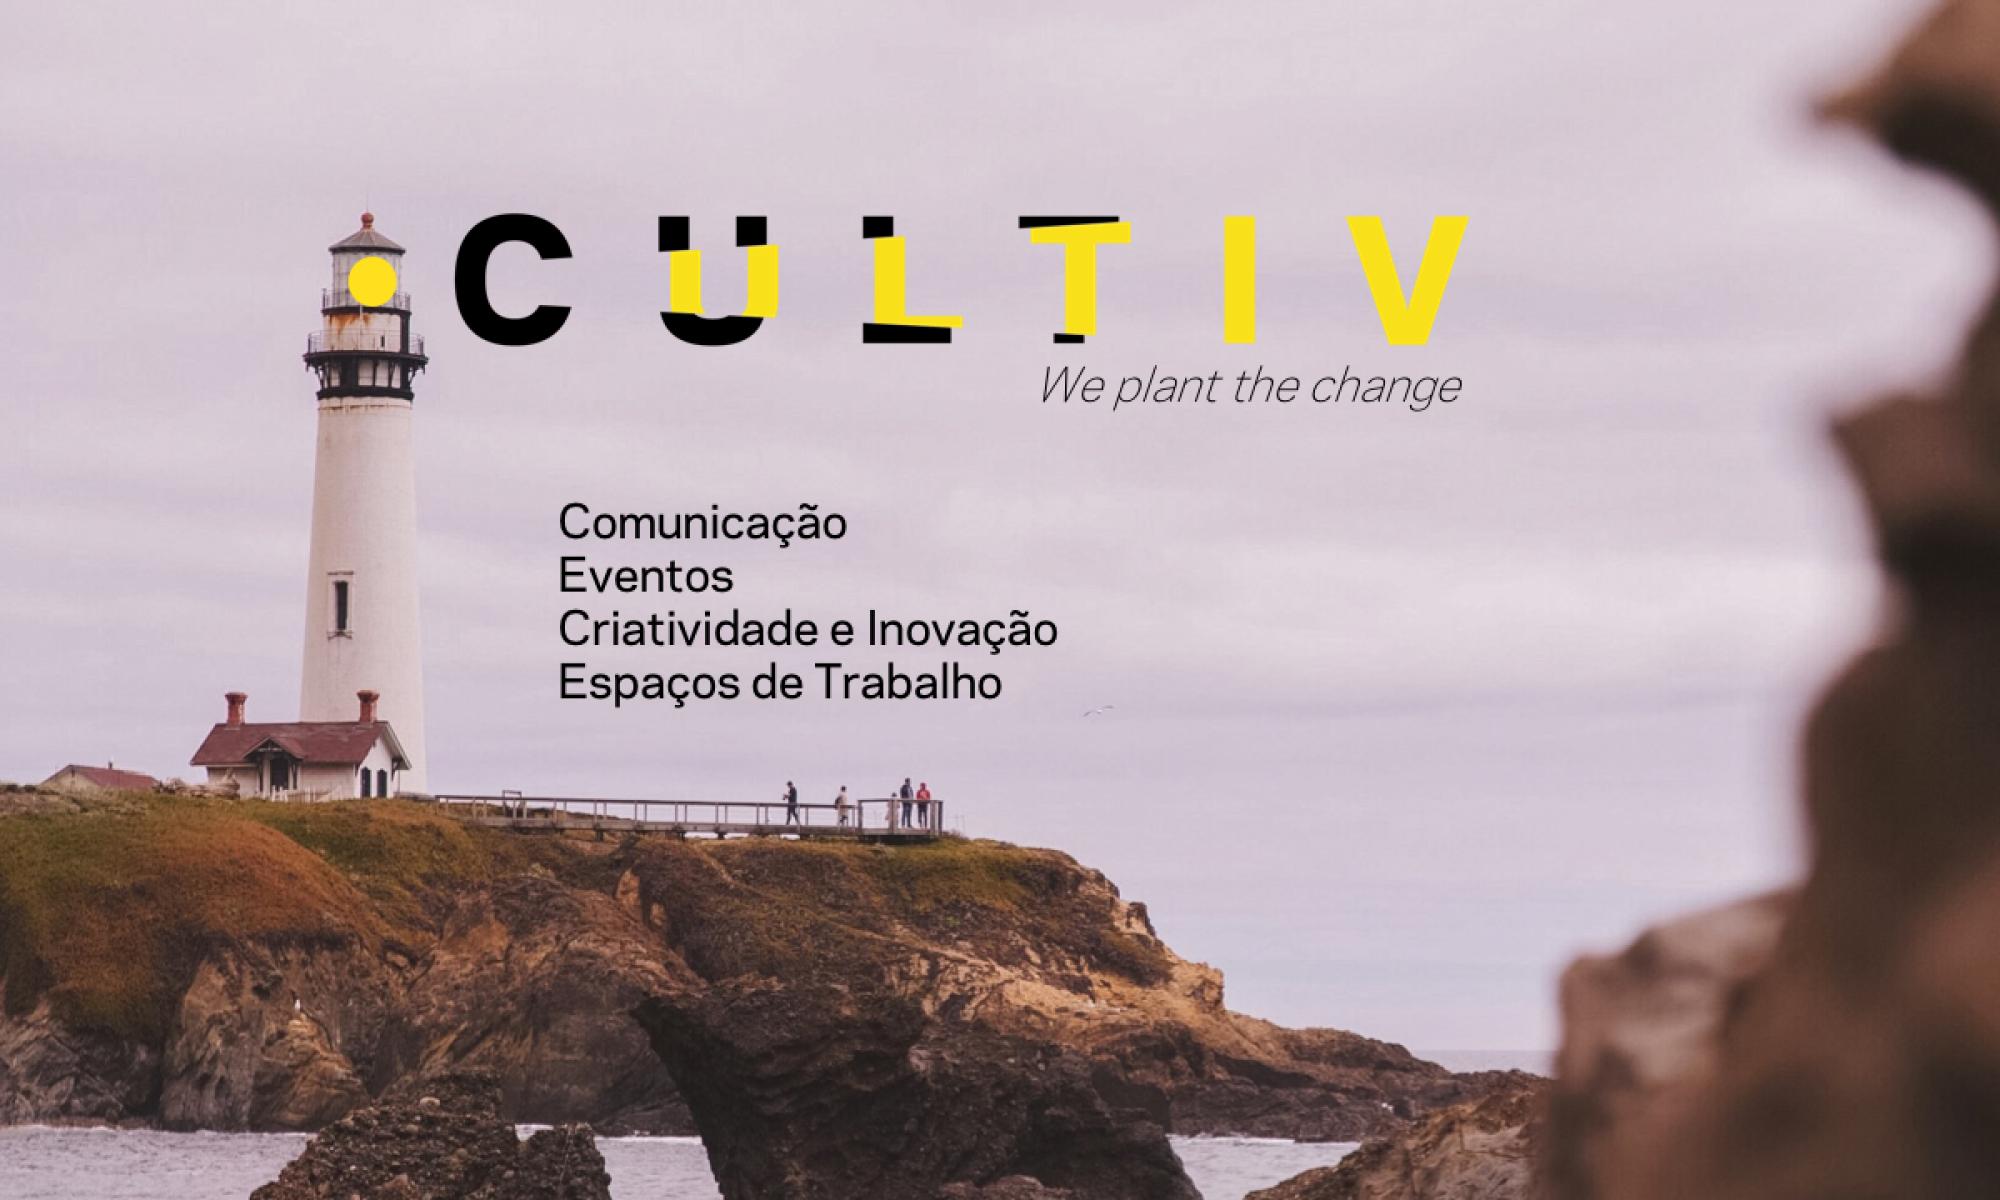 Cultiv